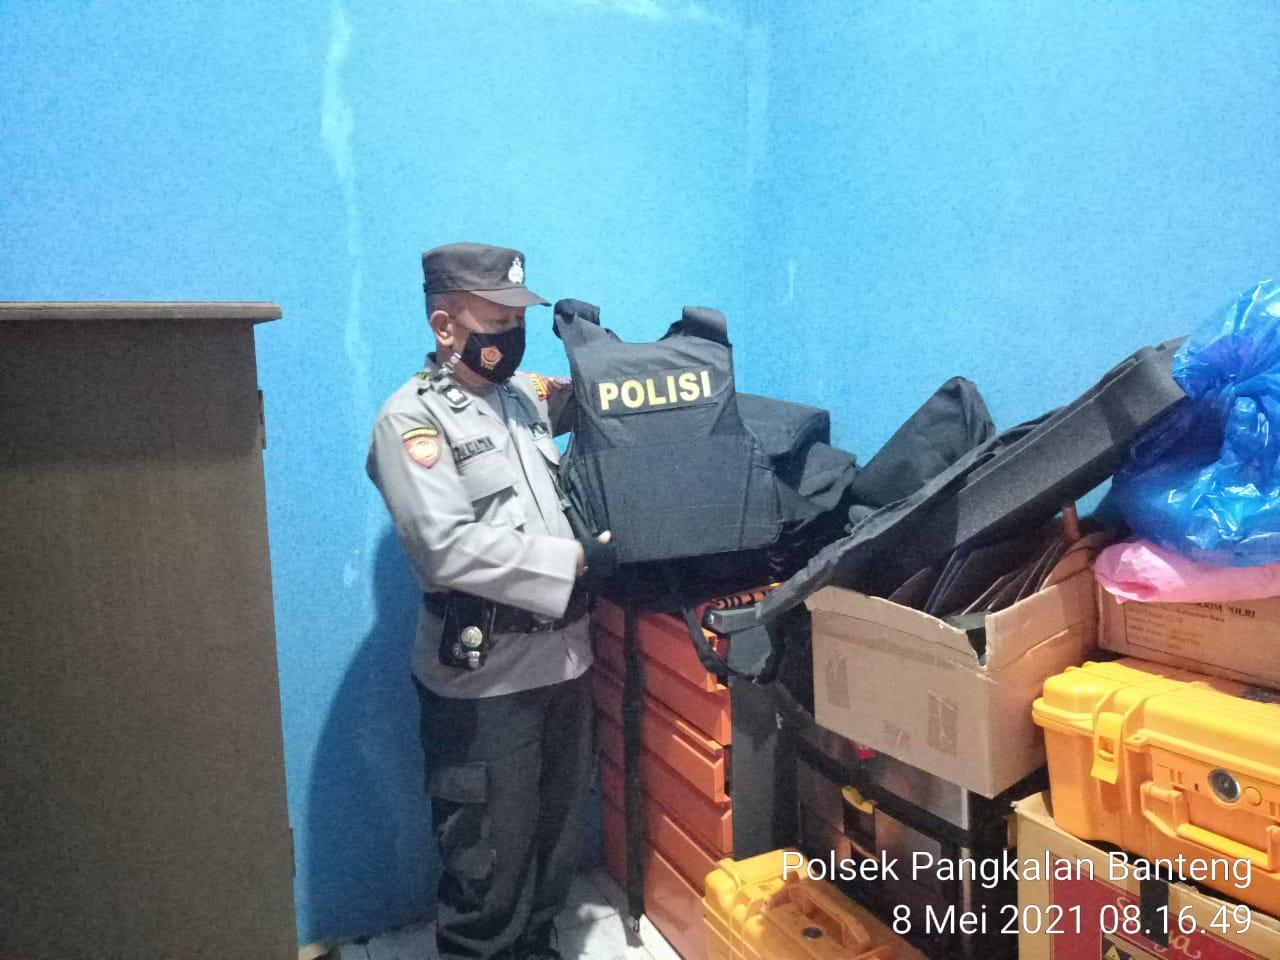 Barang Inventaris Polsek Pangkalan Banteng dicek Bripka Leksi